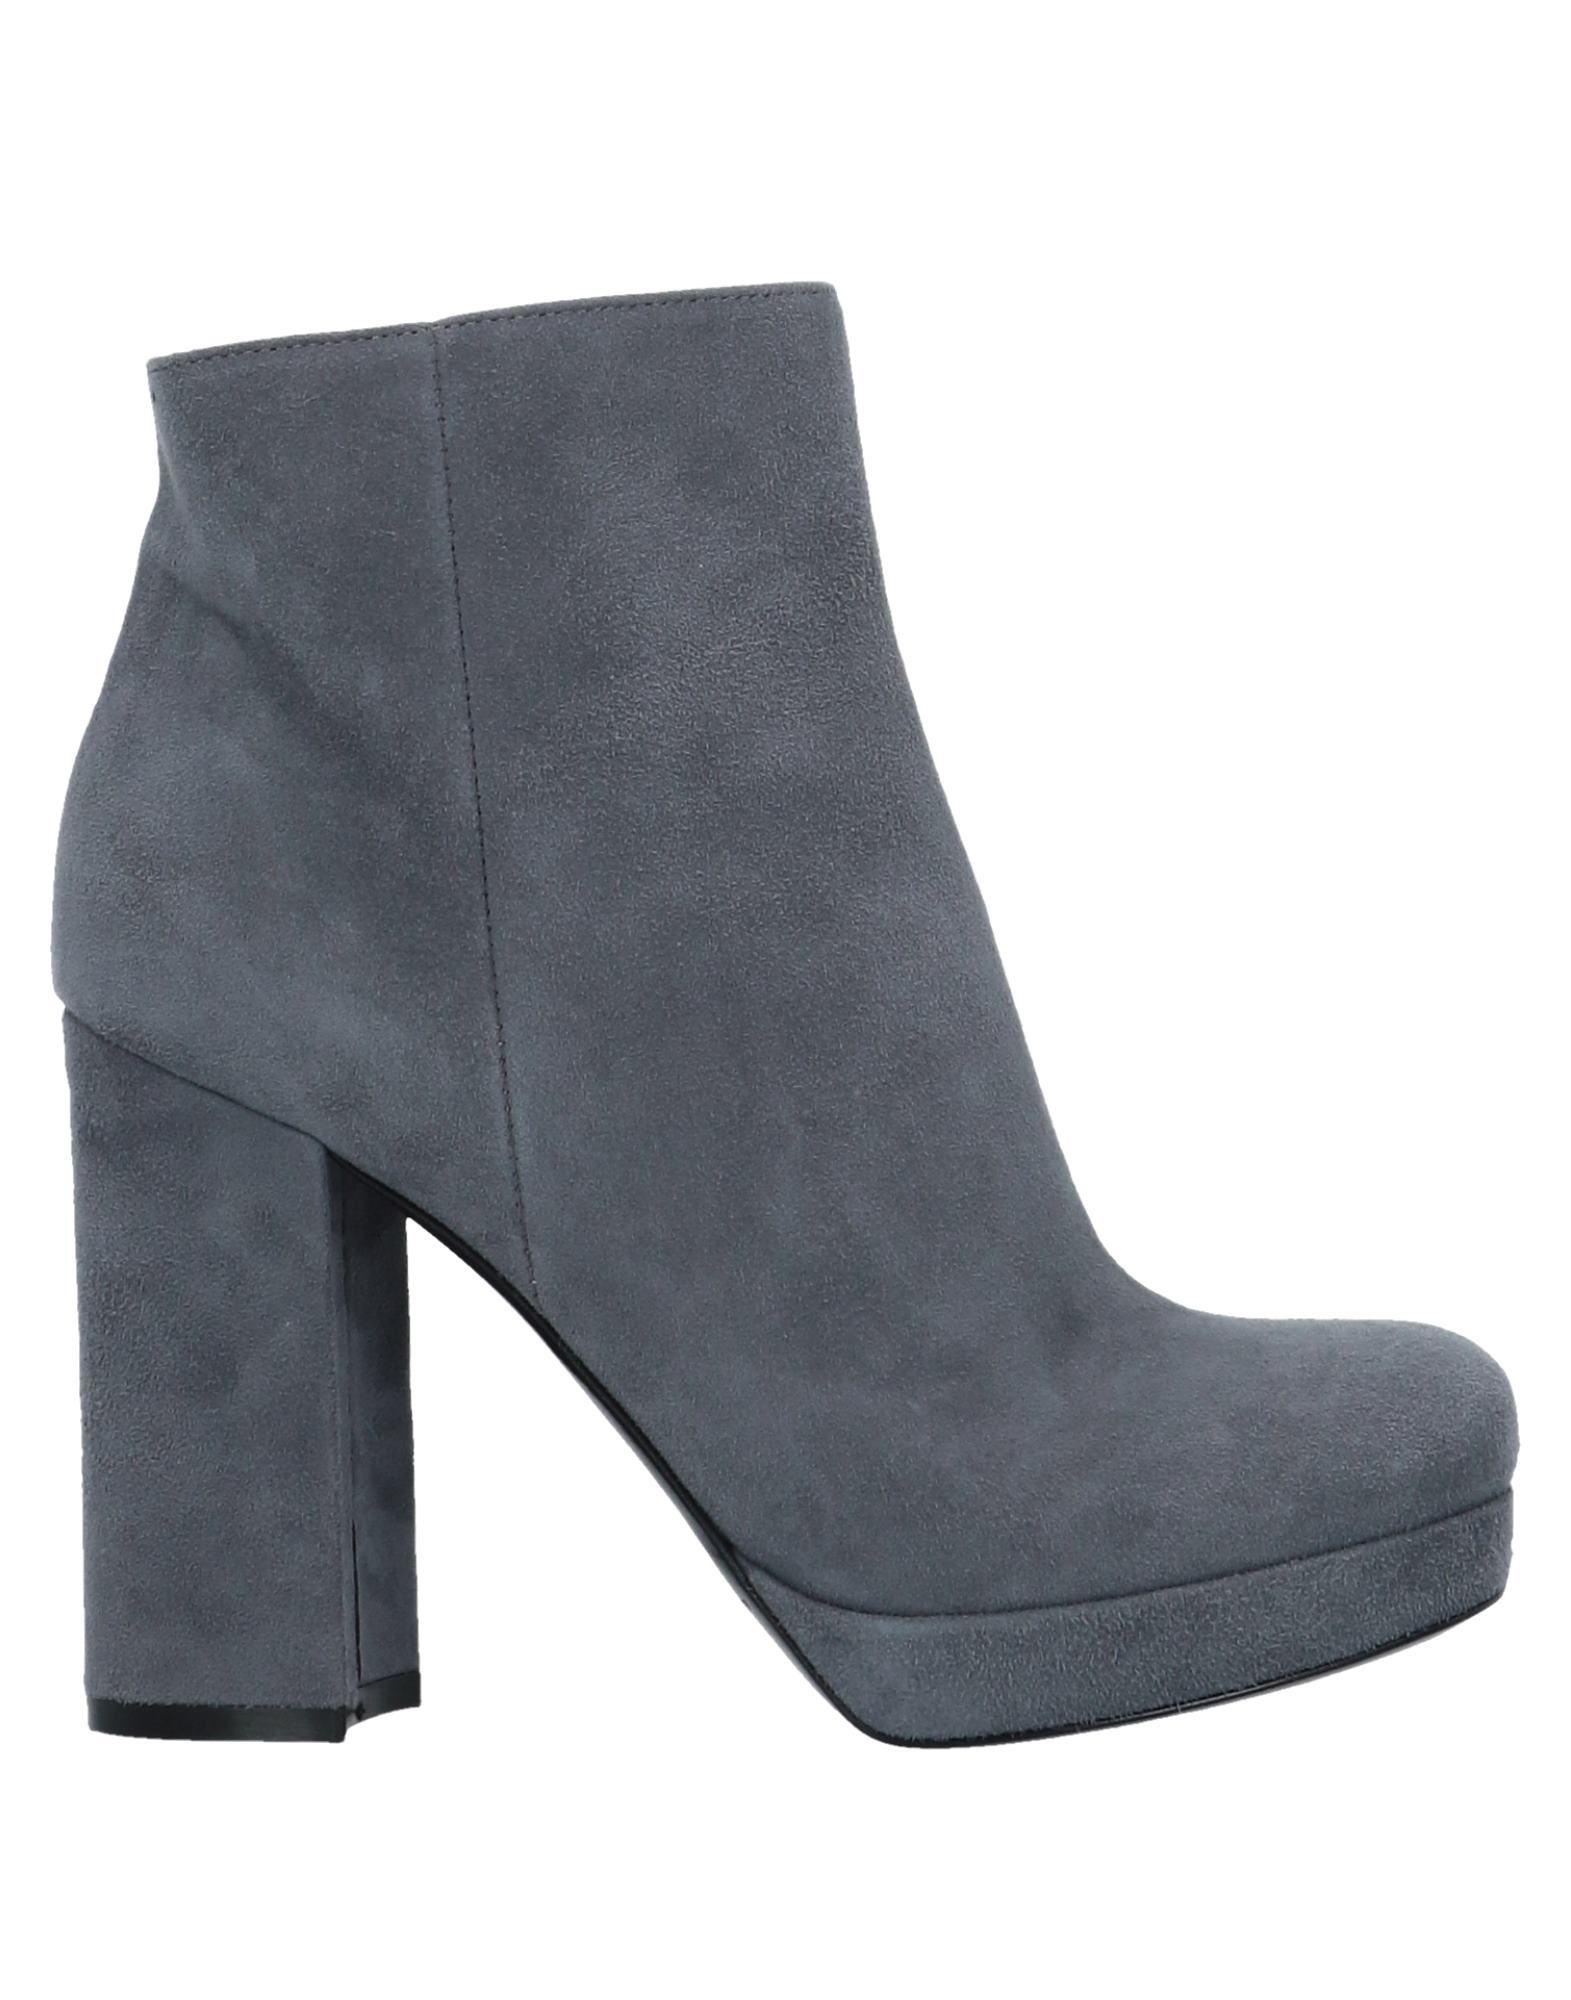 Liviana Conti Stiefelette Damen  11538453FLGut aussehende strapazierfähige Schuhe